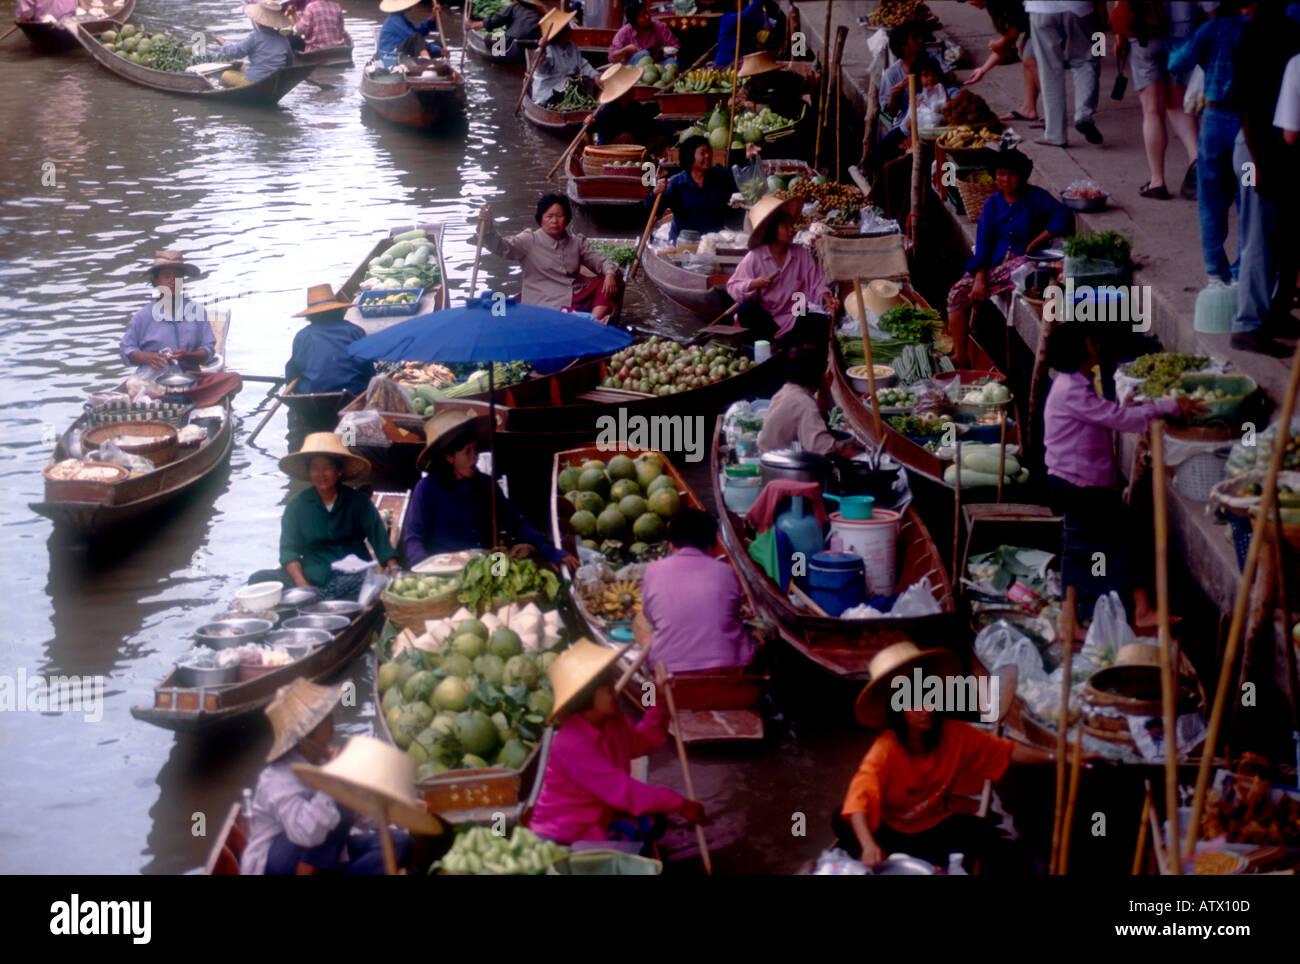 Floating market Damoen Saduak Thailand PH Dan White - Stock Image